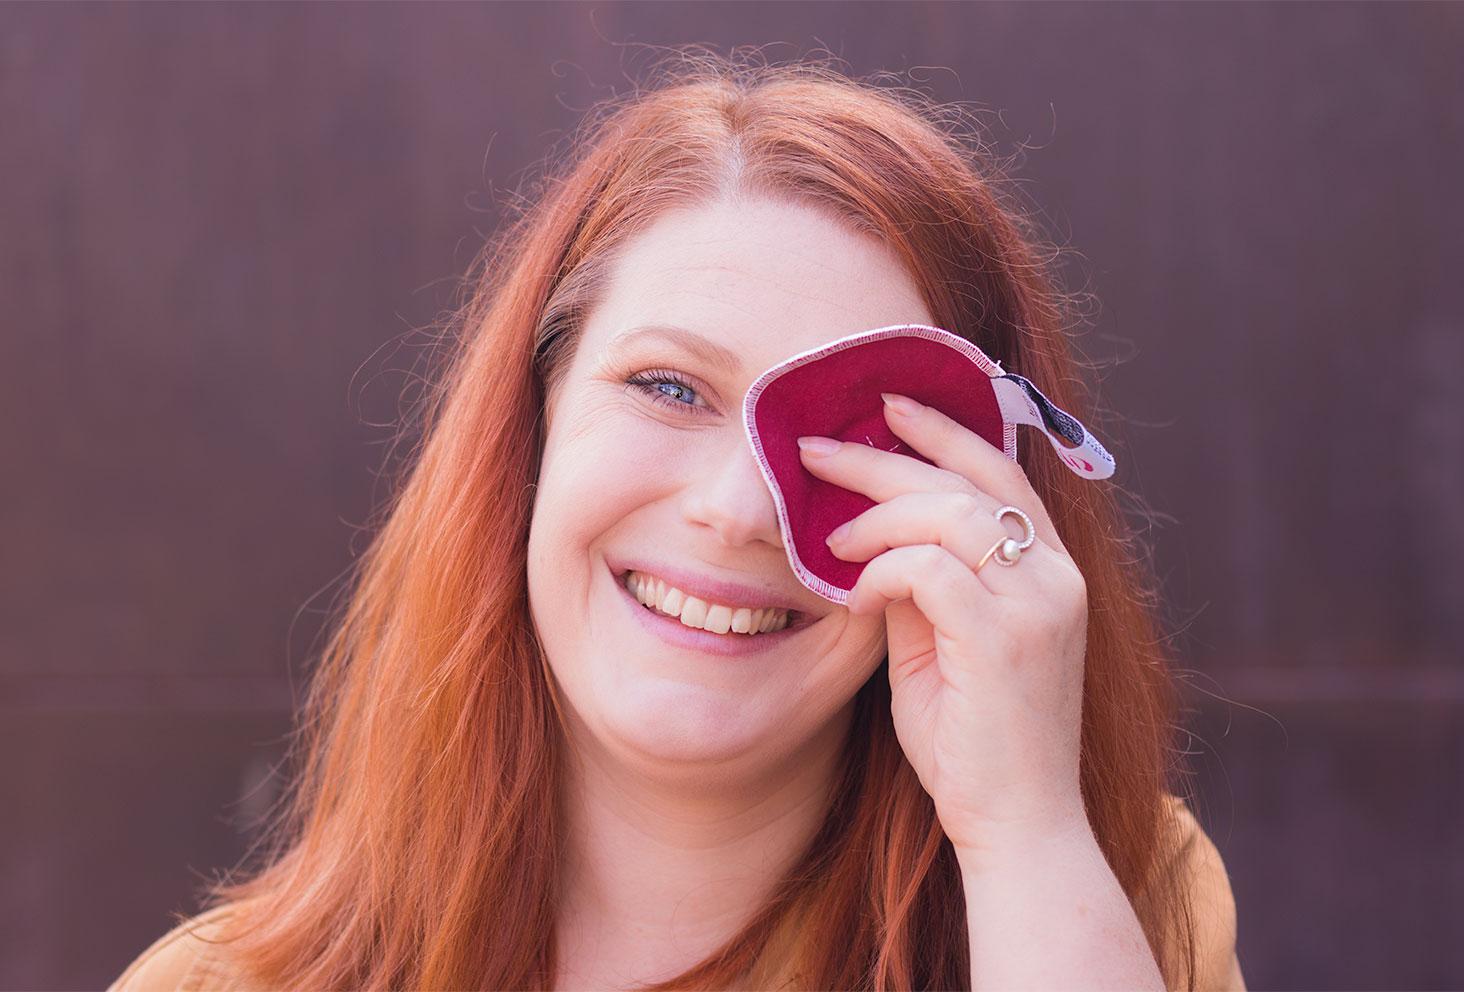 Démaquillage des yeux de face avec un disque démaquillant lavable de la marque PLIM